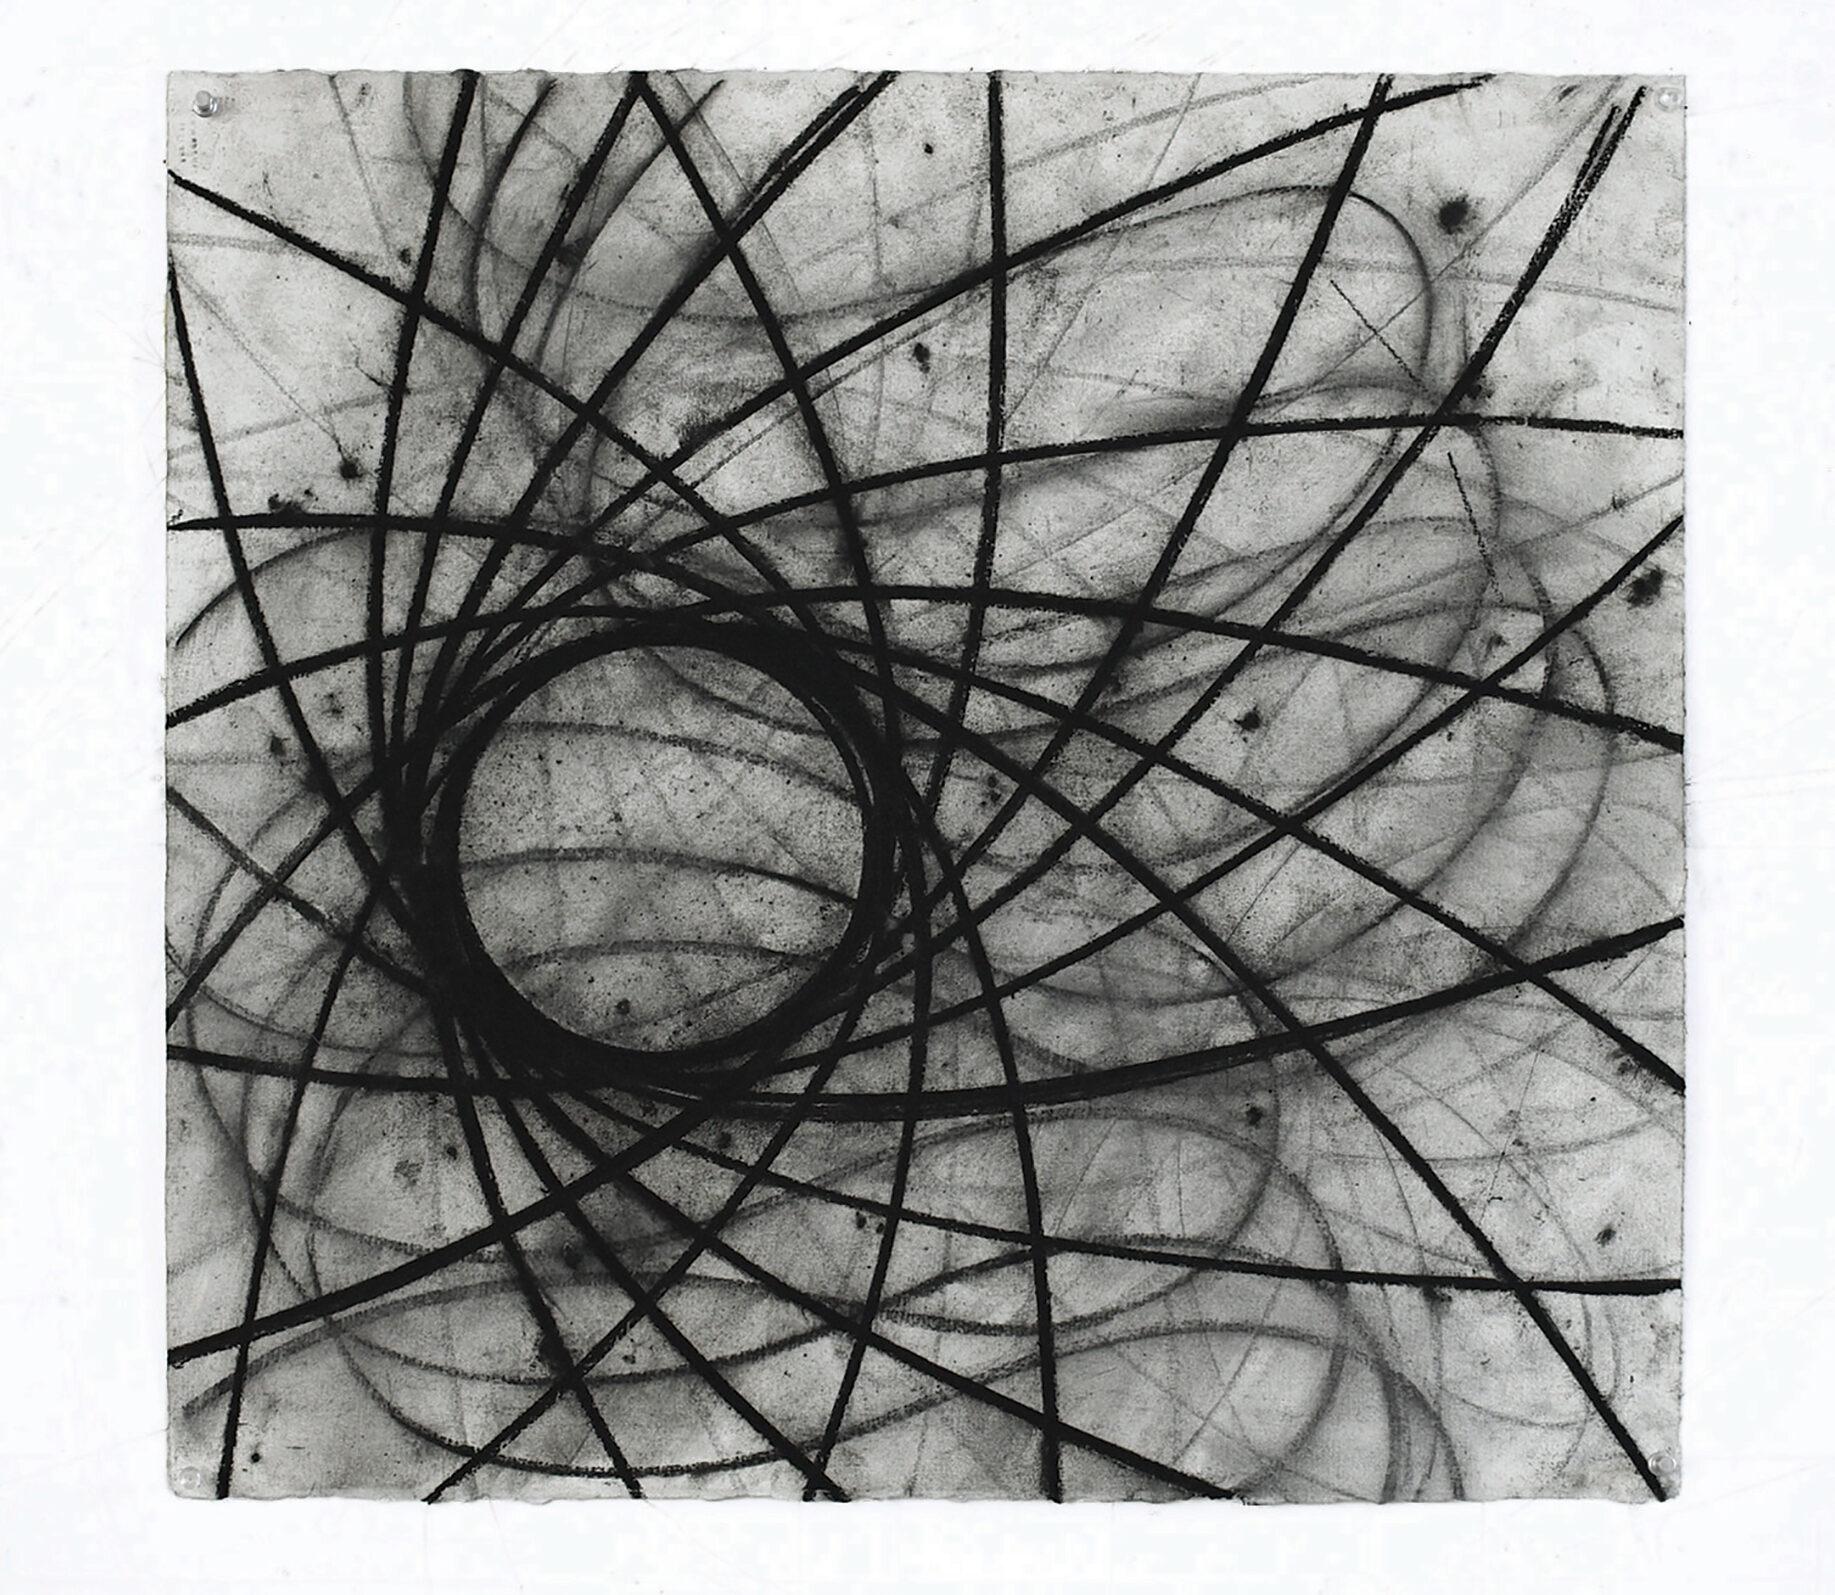 David Row - Circle Drawing III: Fifteen Degrees